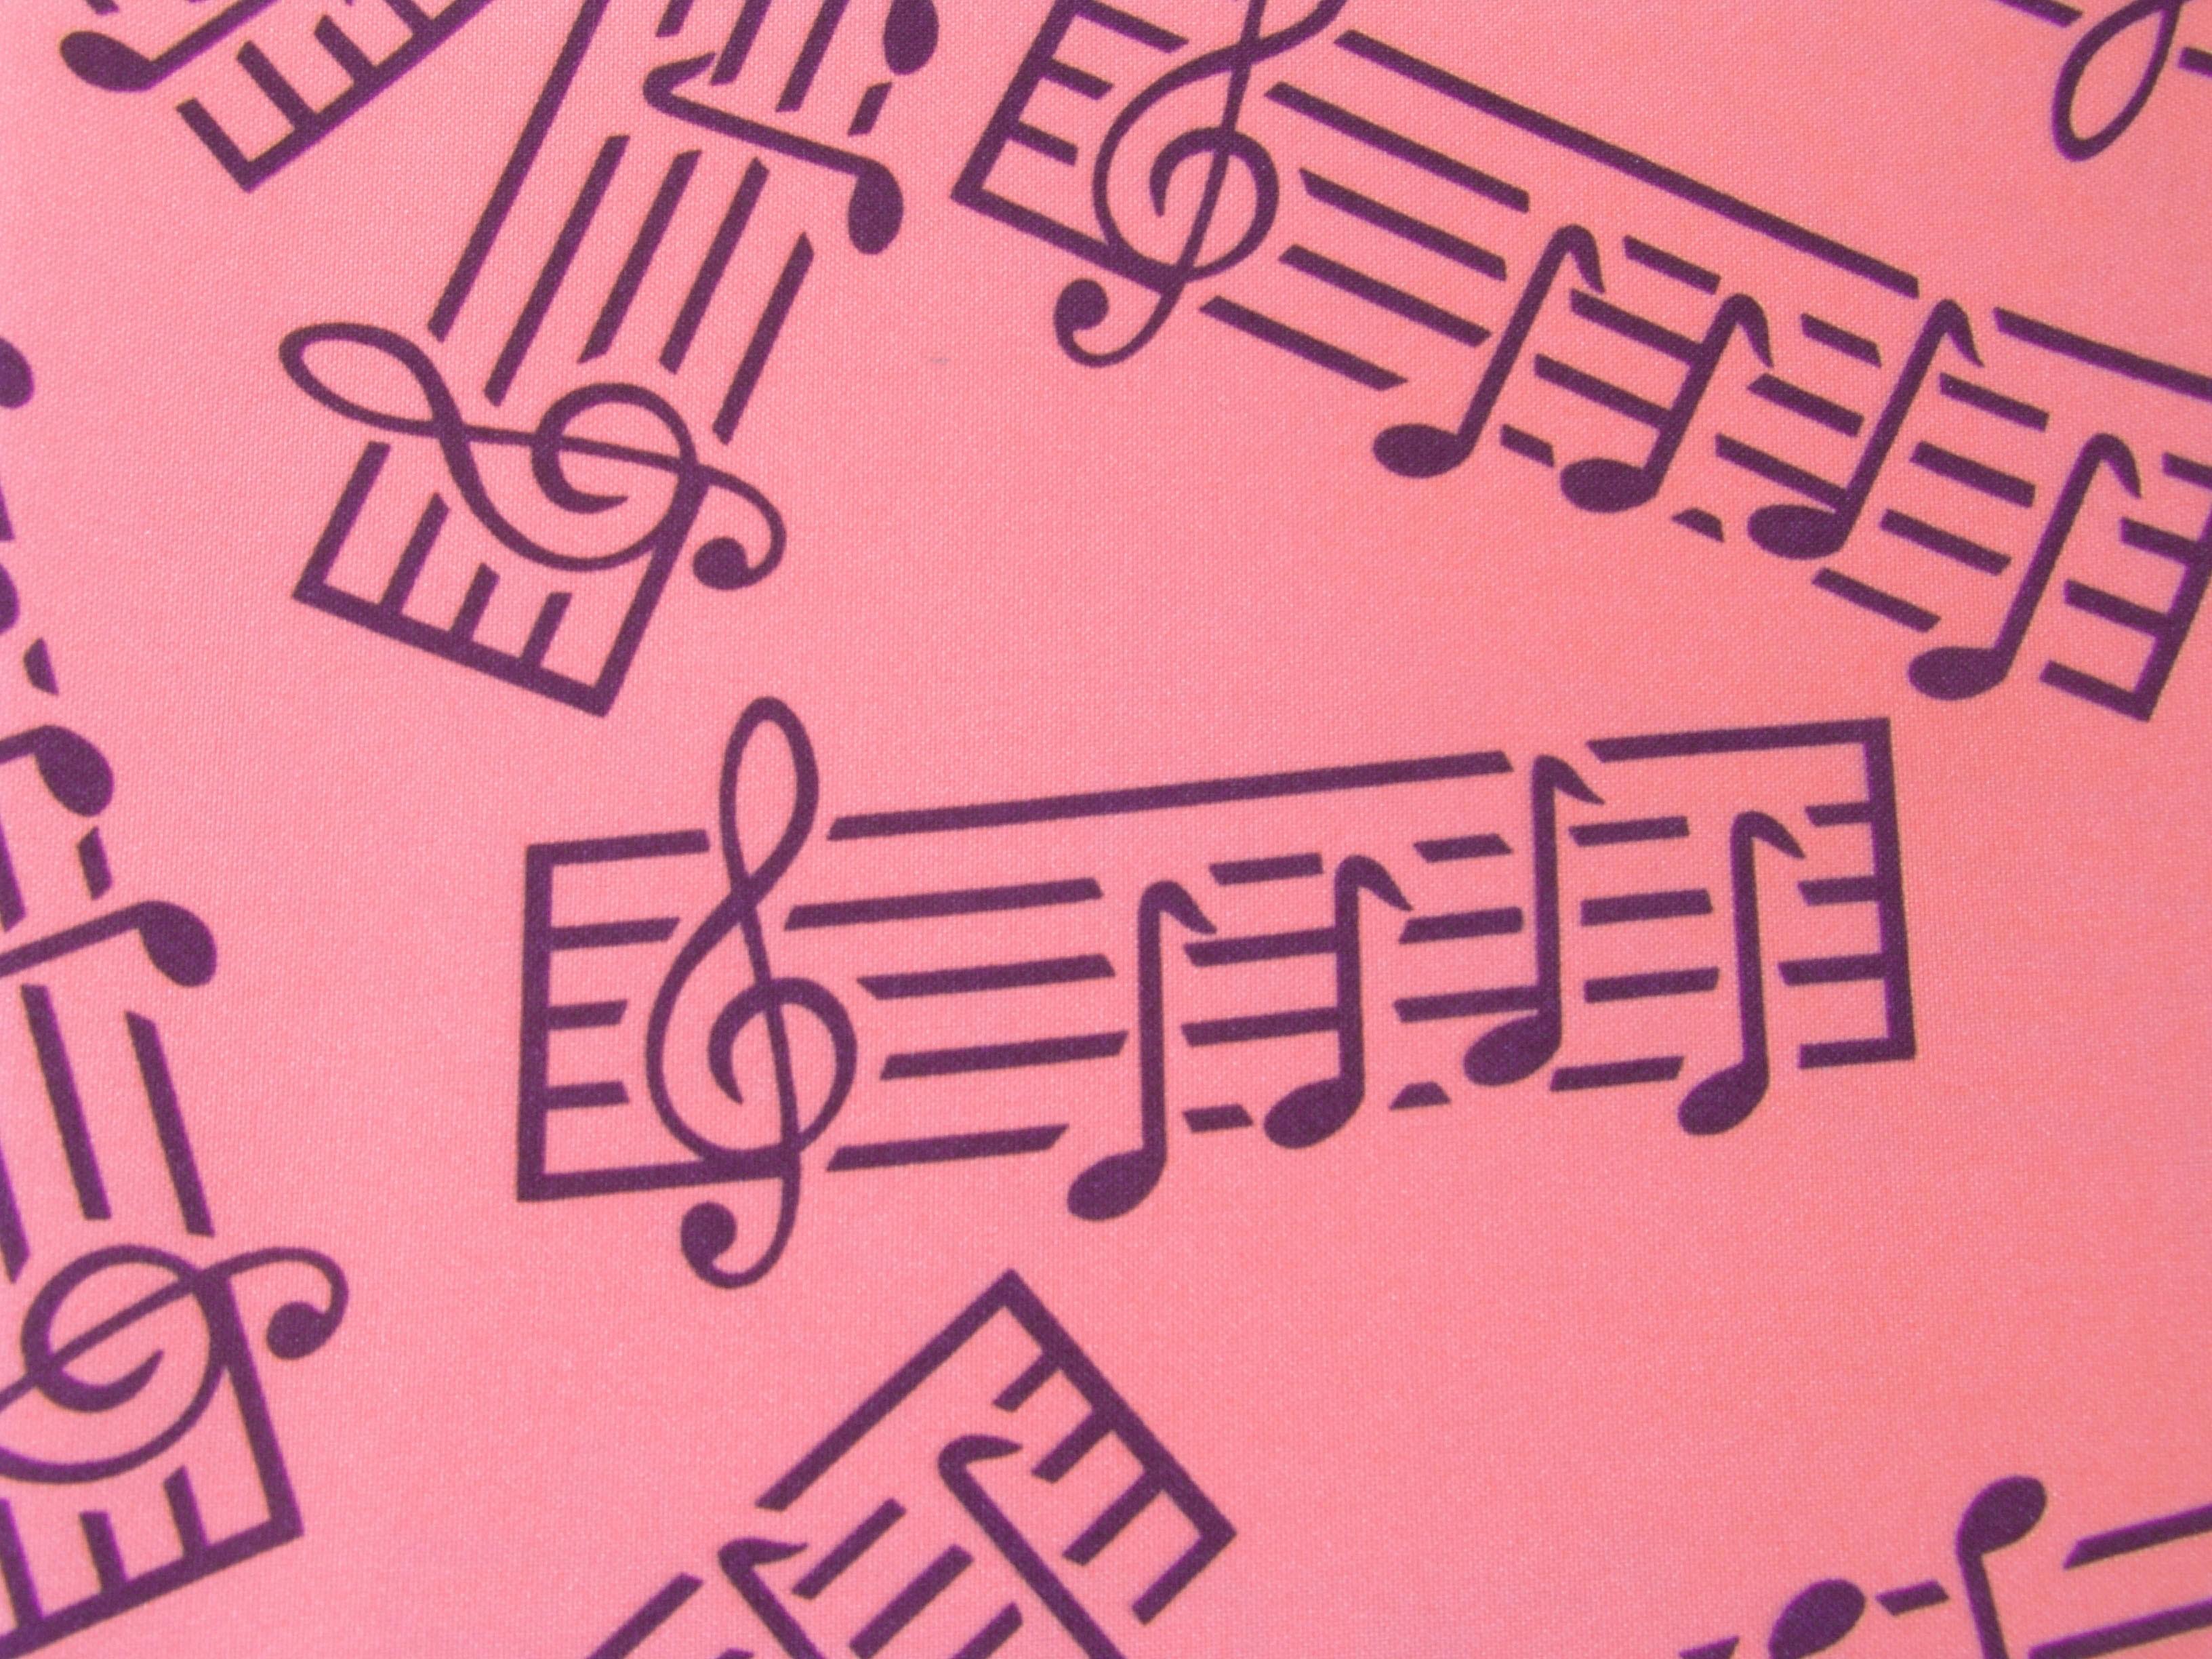 Musical Note - LPR46